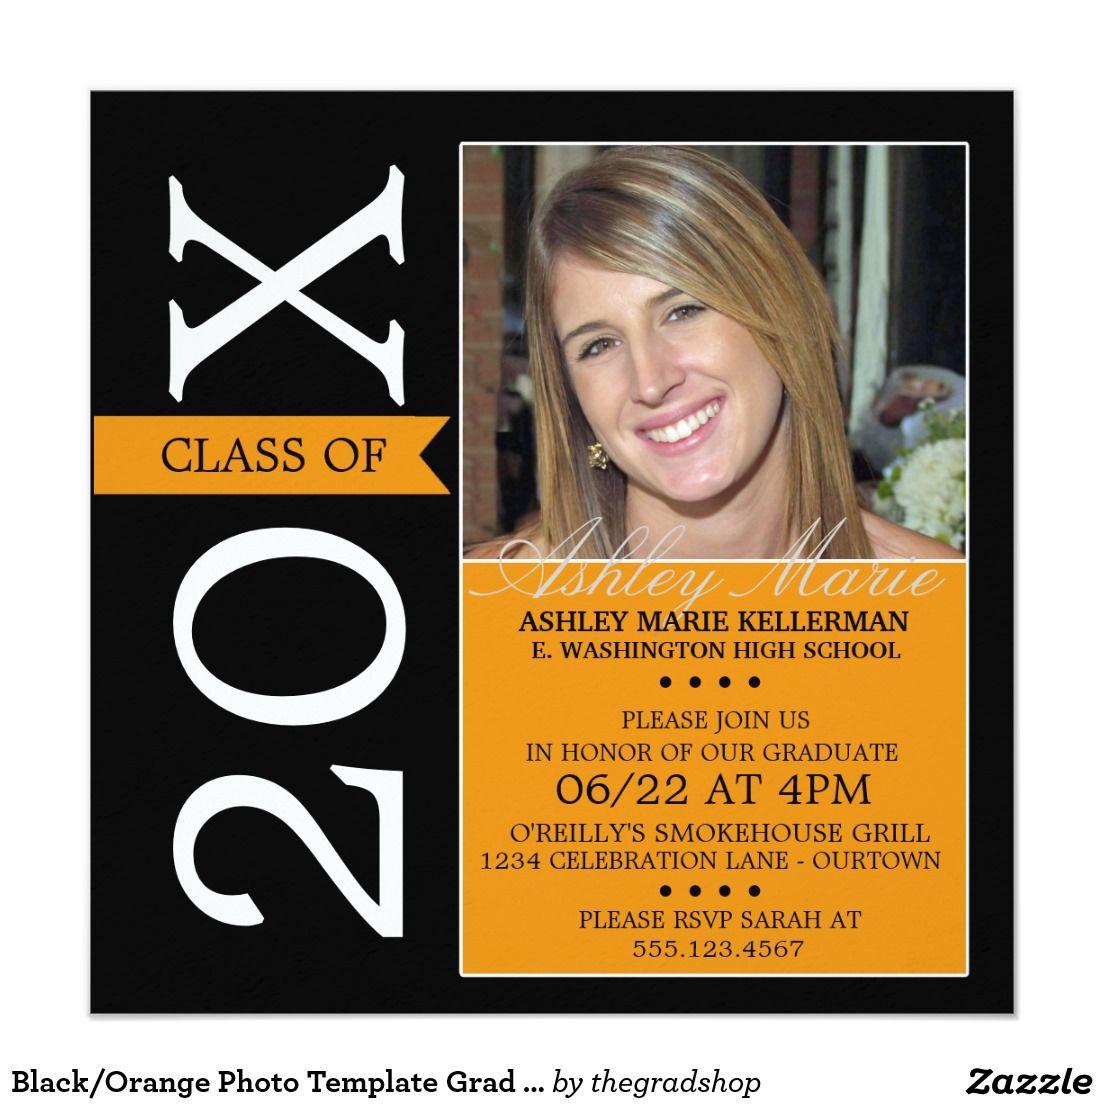 Black/Orange Photo Template Grad Invitations